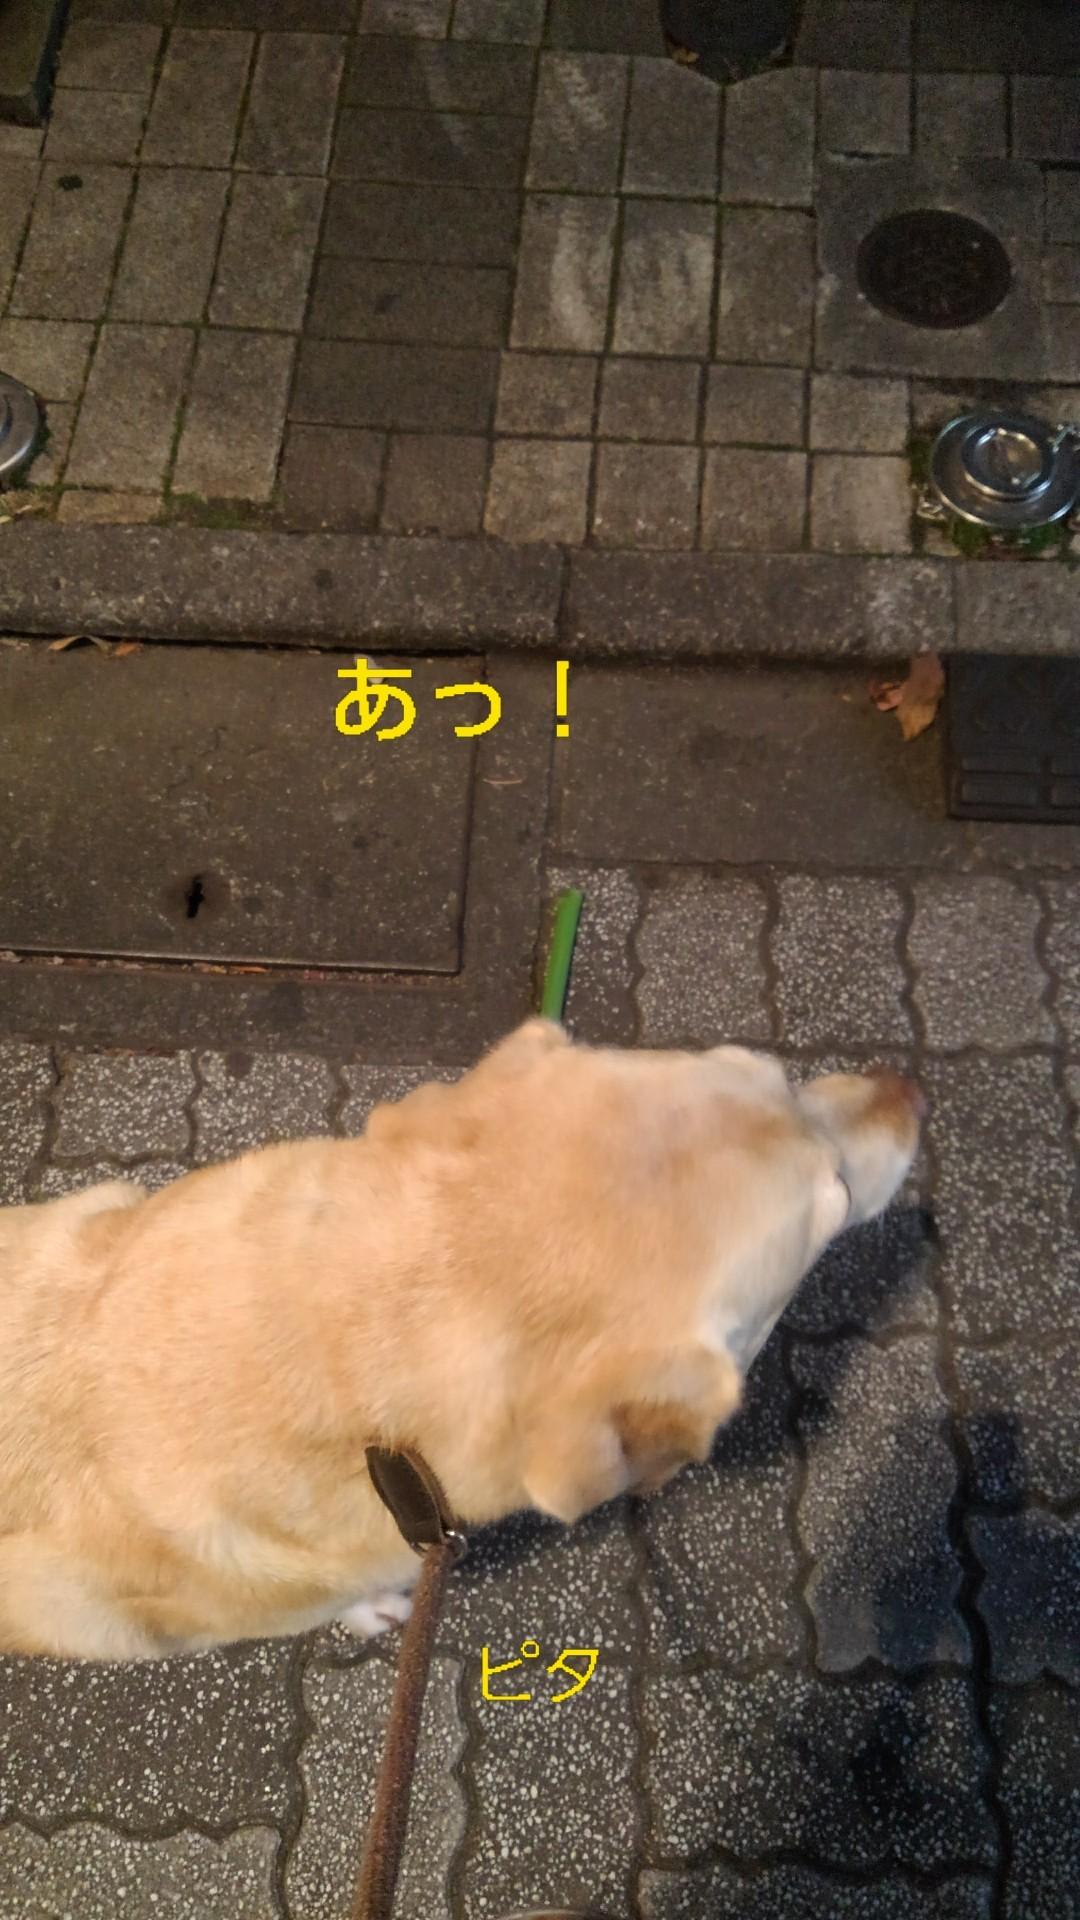 高円寺の落ちネギ・82、83(筒×2)_b0339522_13043460.jpg